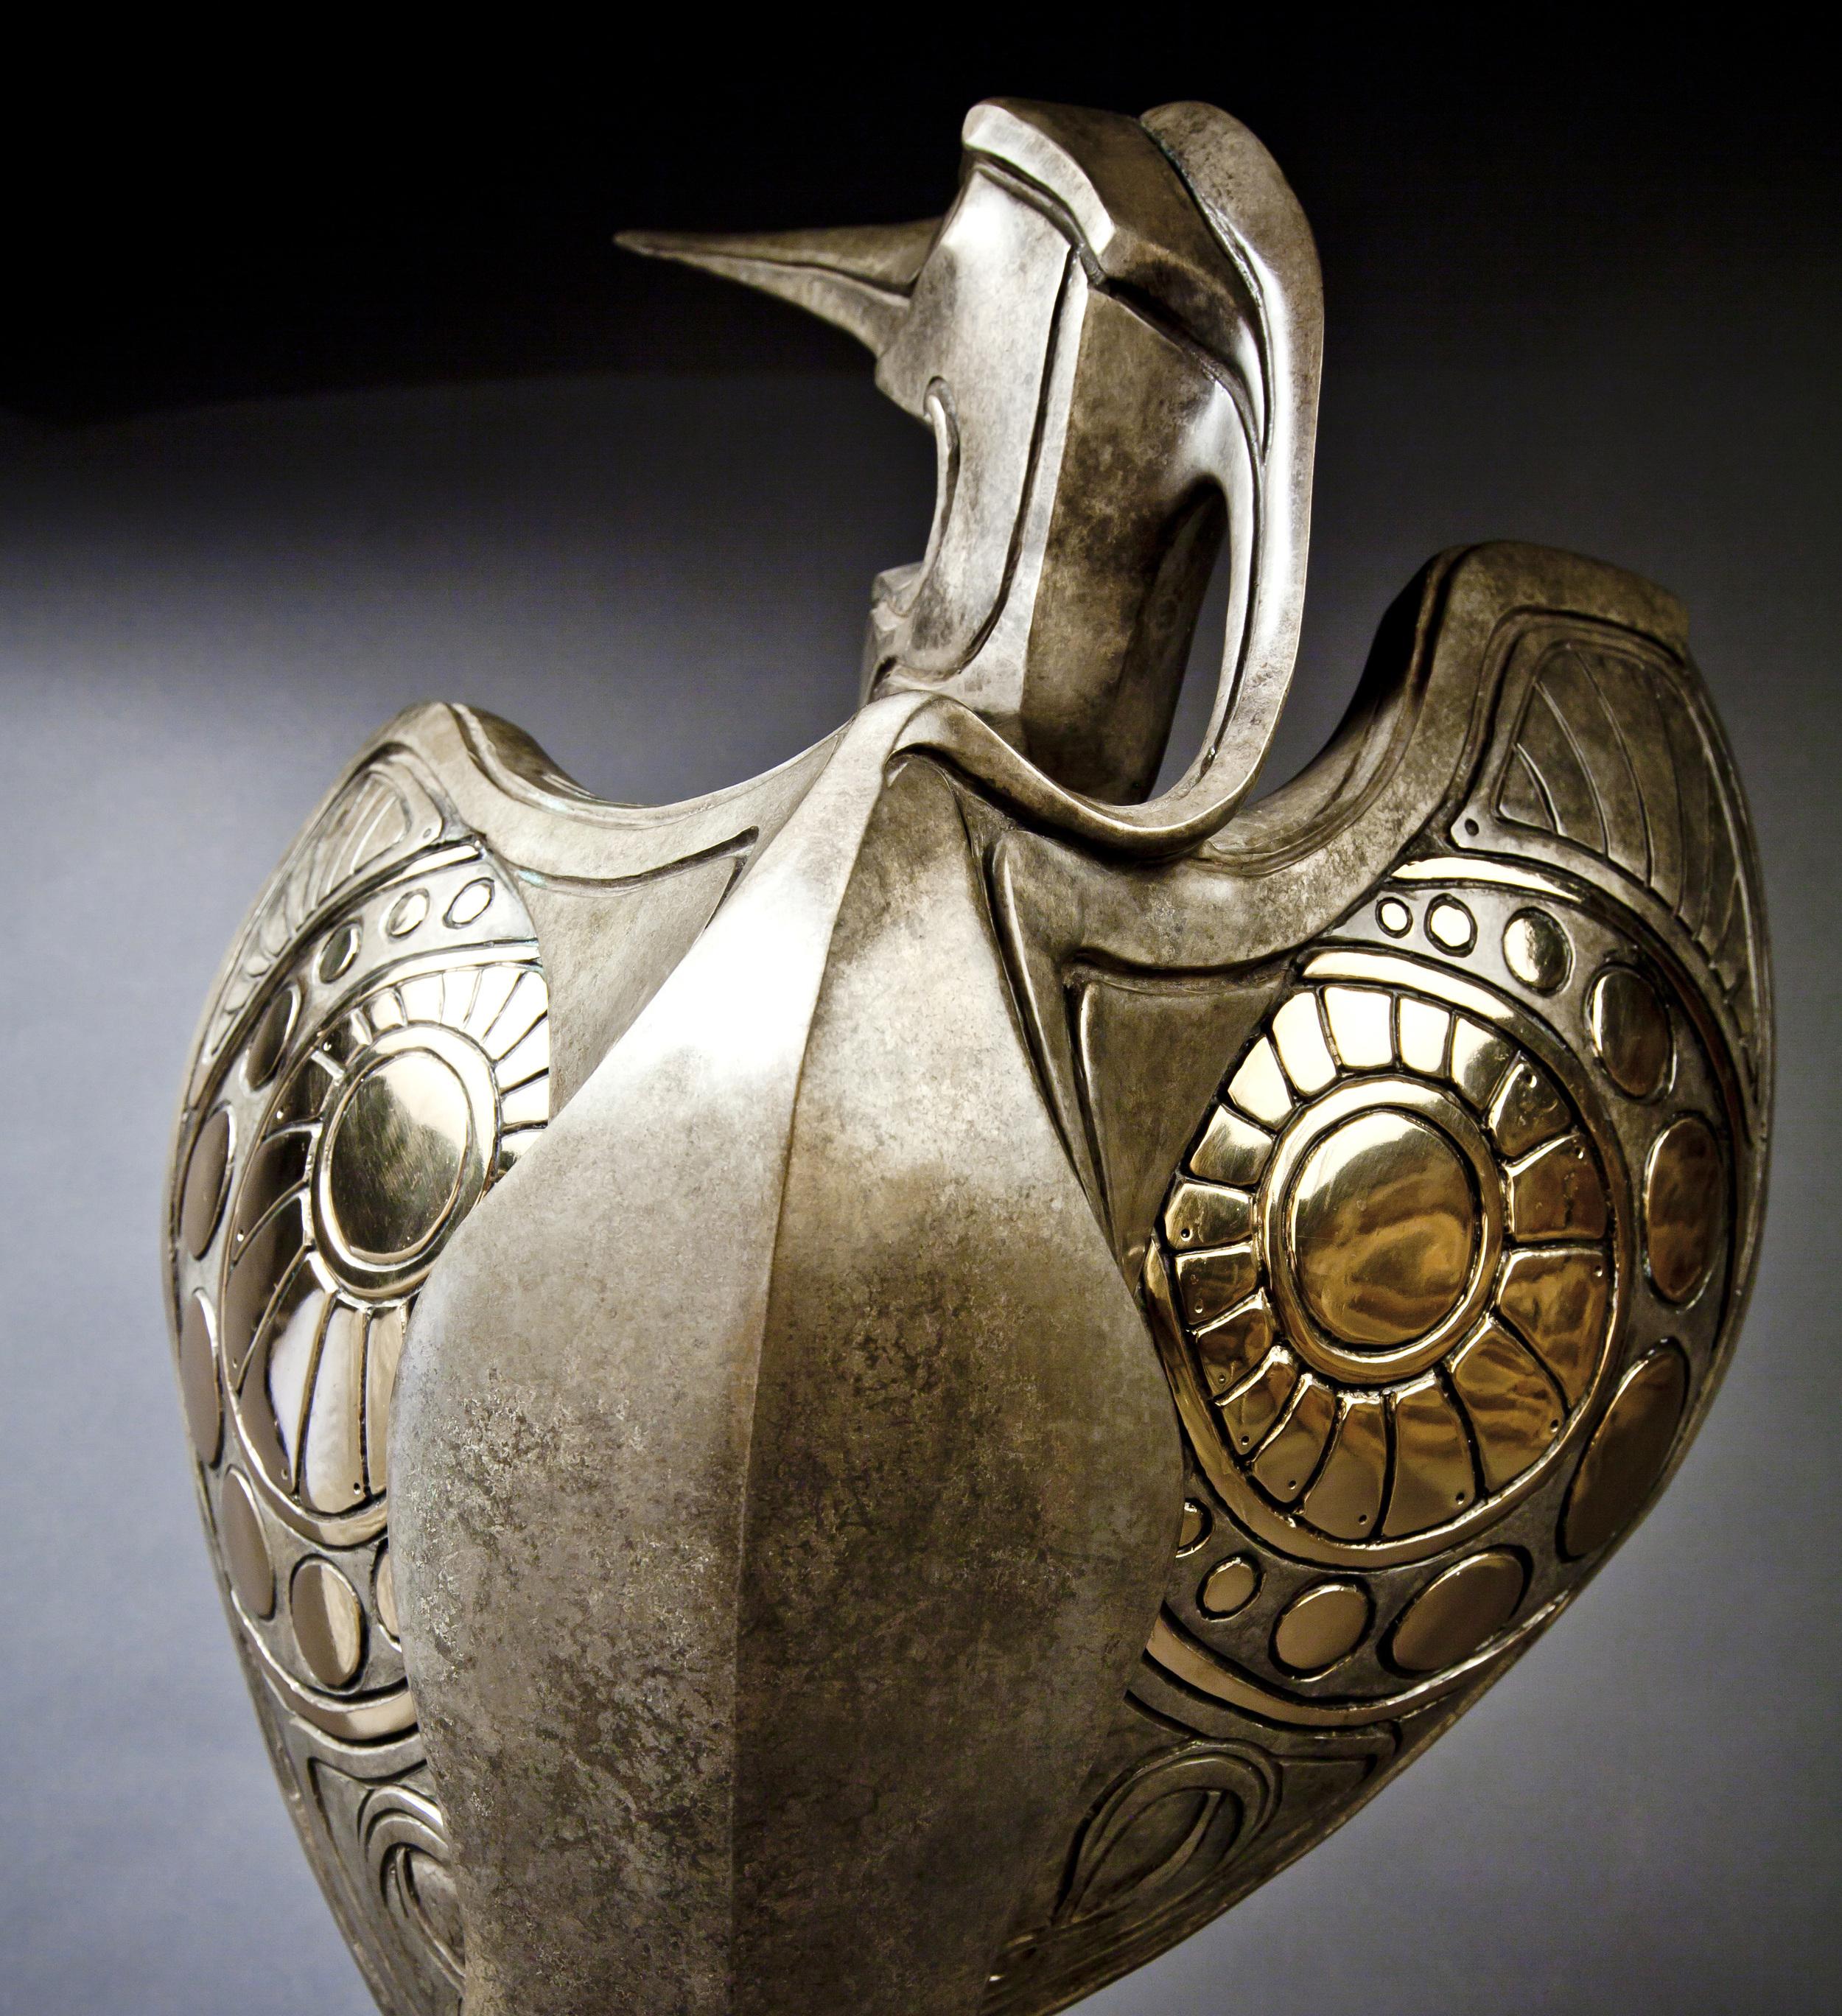 Bronze-Heron-by-John-Maisano-8.jpg